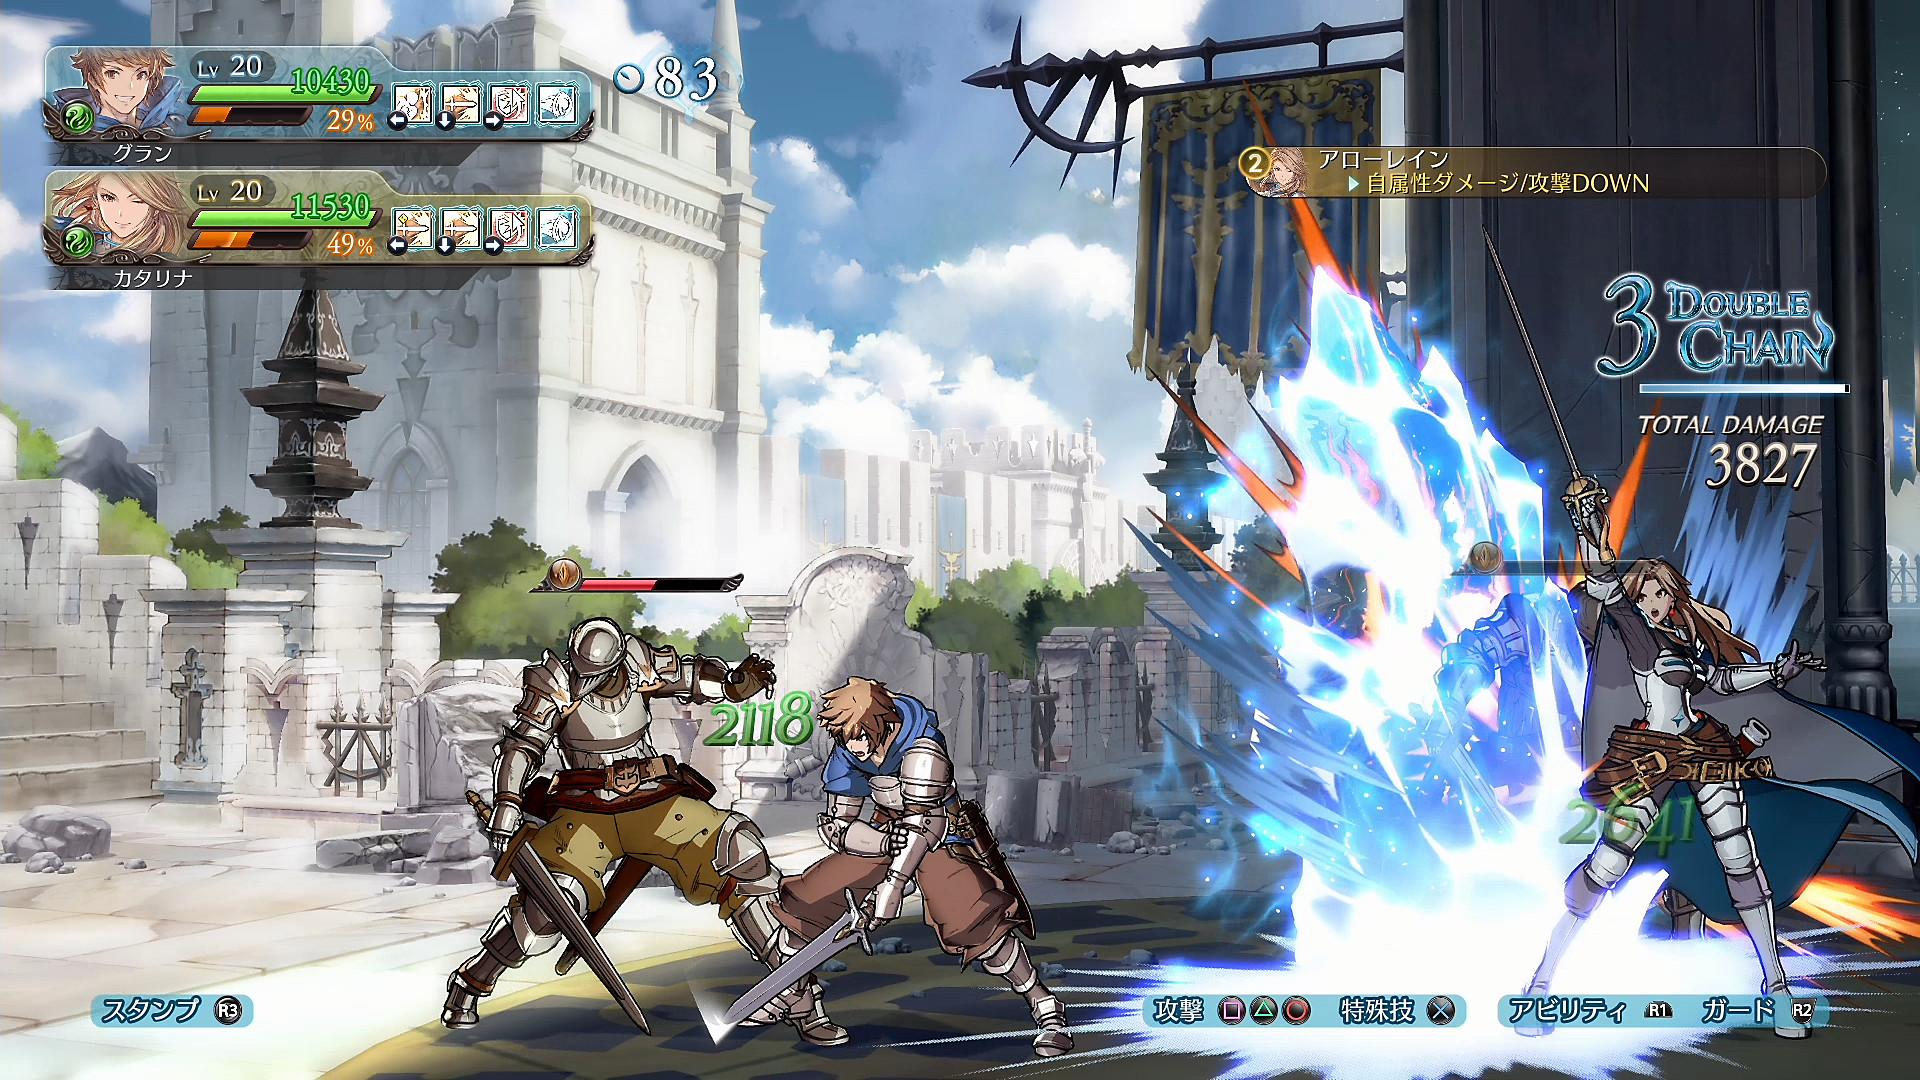 グランブルーファンタジー ヴァーサス Game Ps4 Playstation